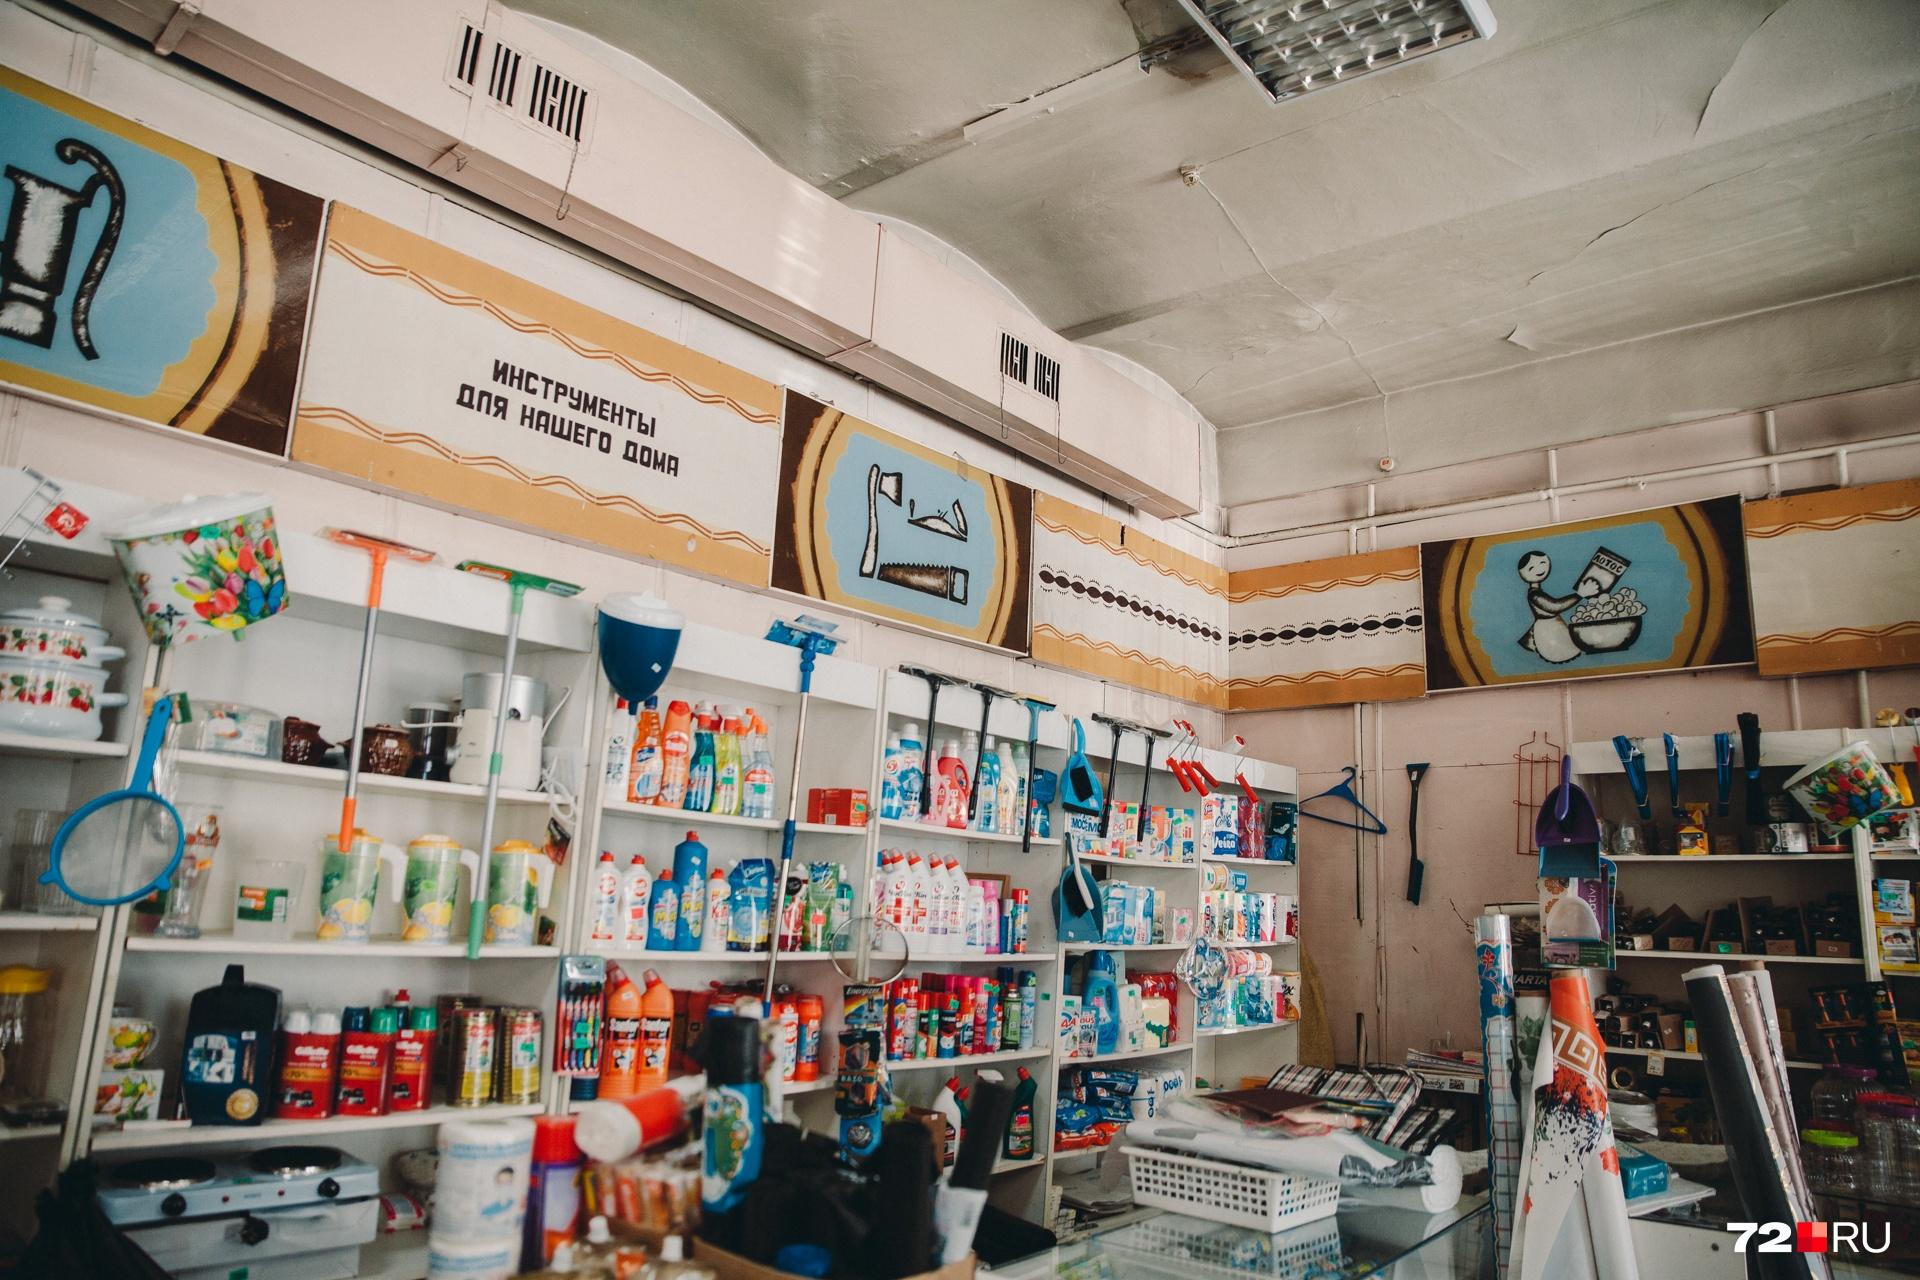 Магазин местами выглядит как в советские времена. Даже вывески остались